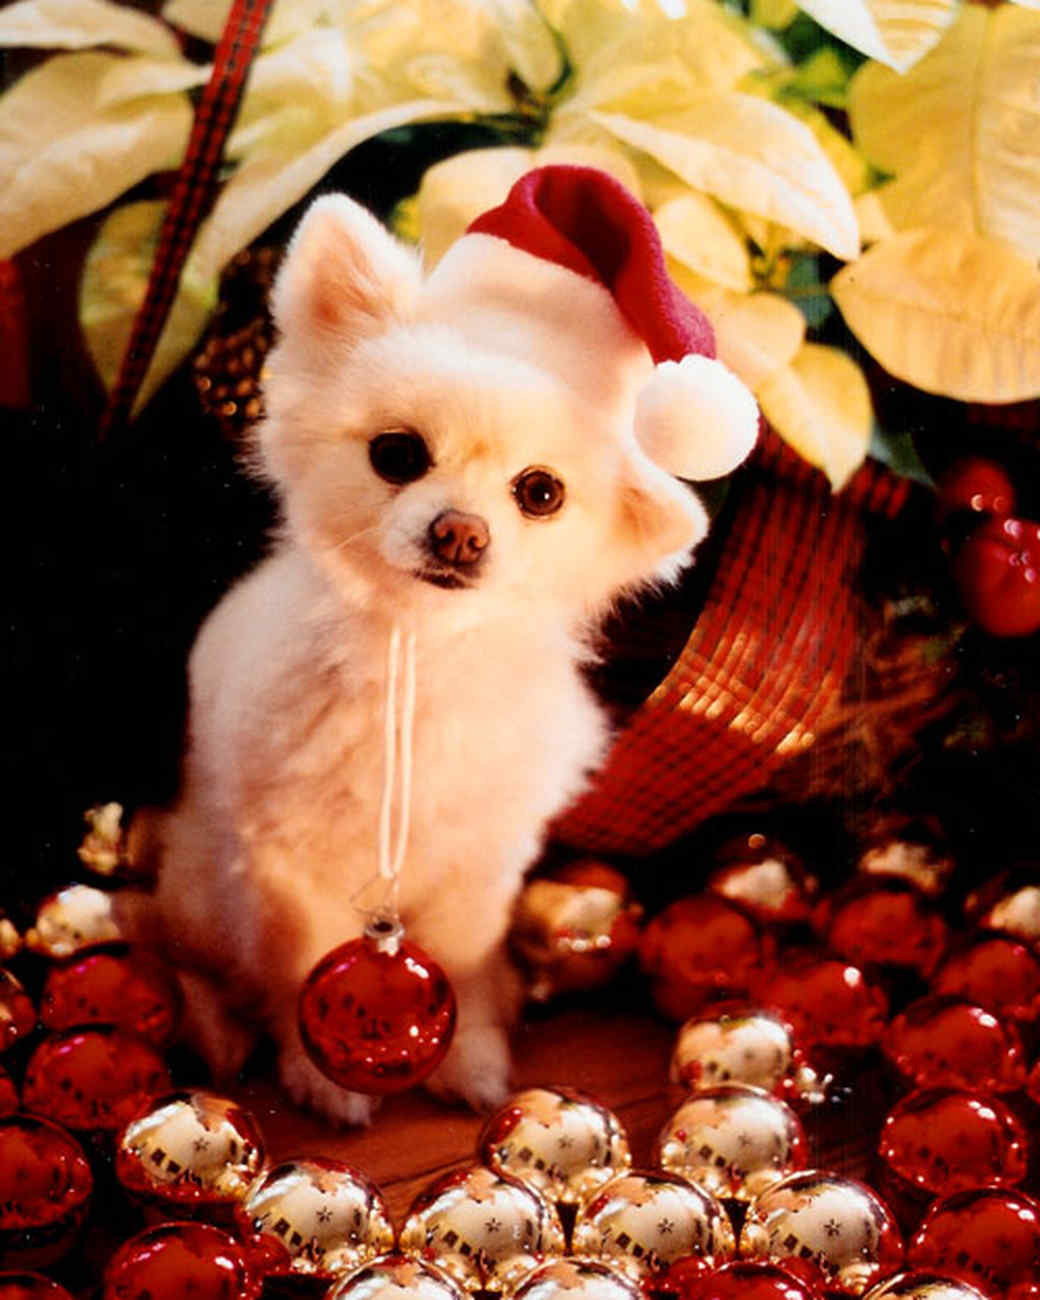 pets_ugc_santa_11664655_26478336.jpg